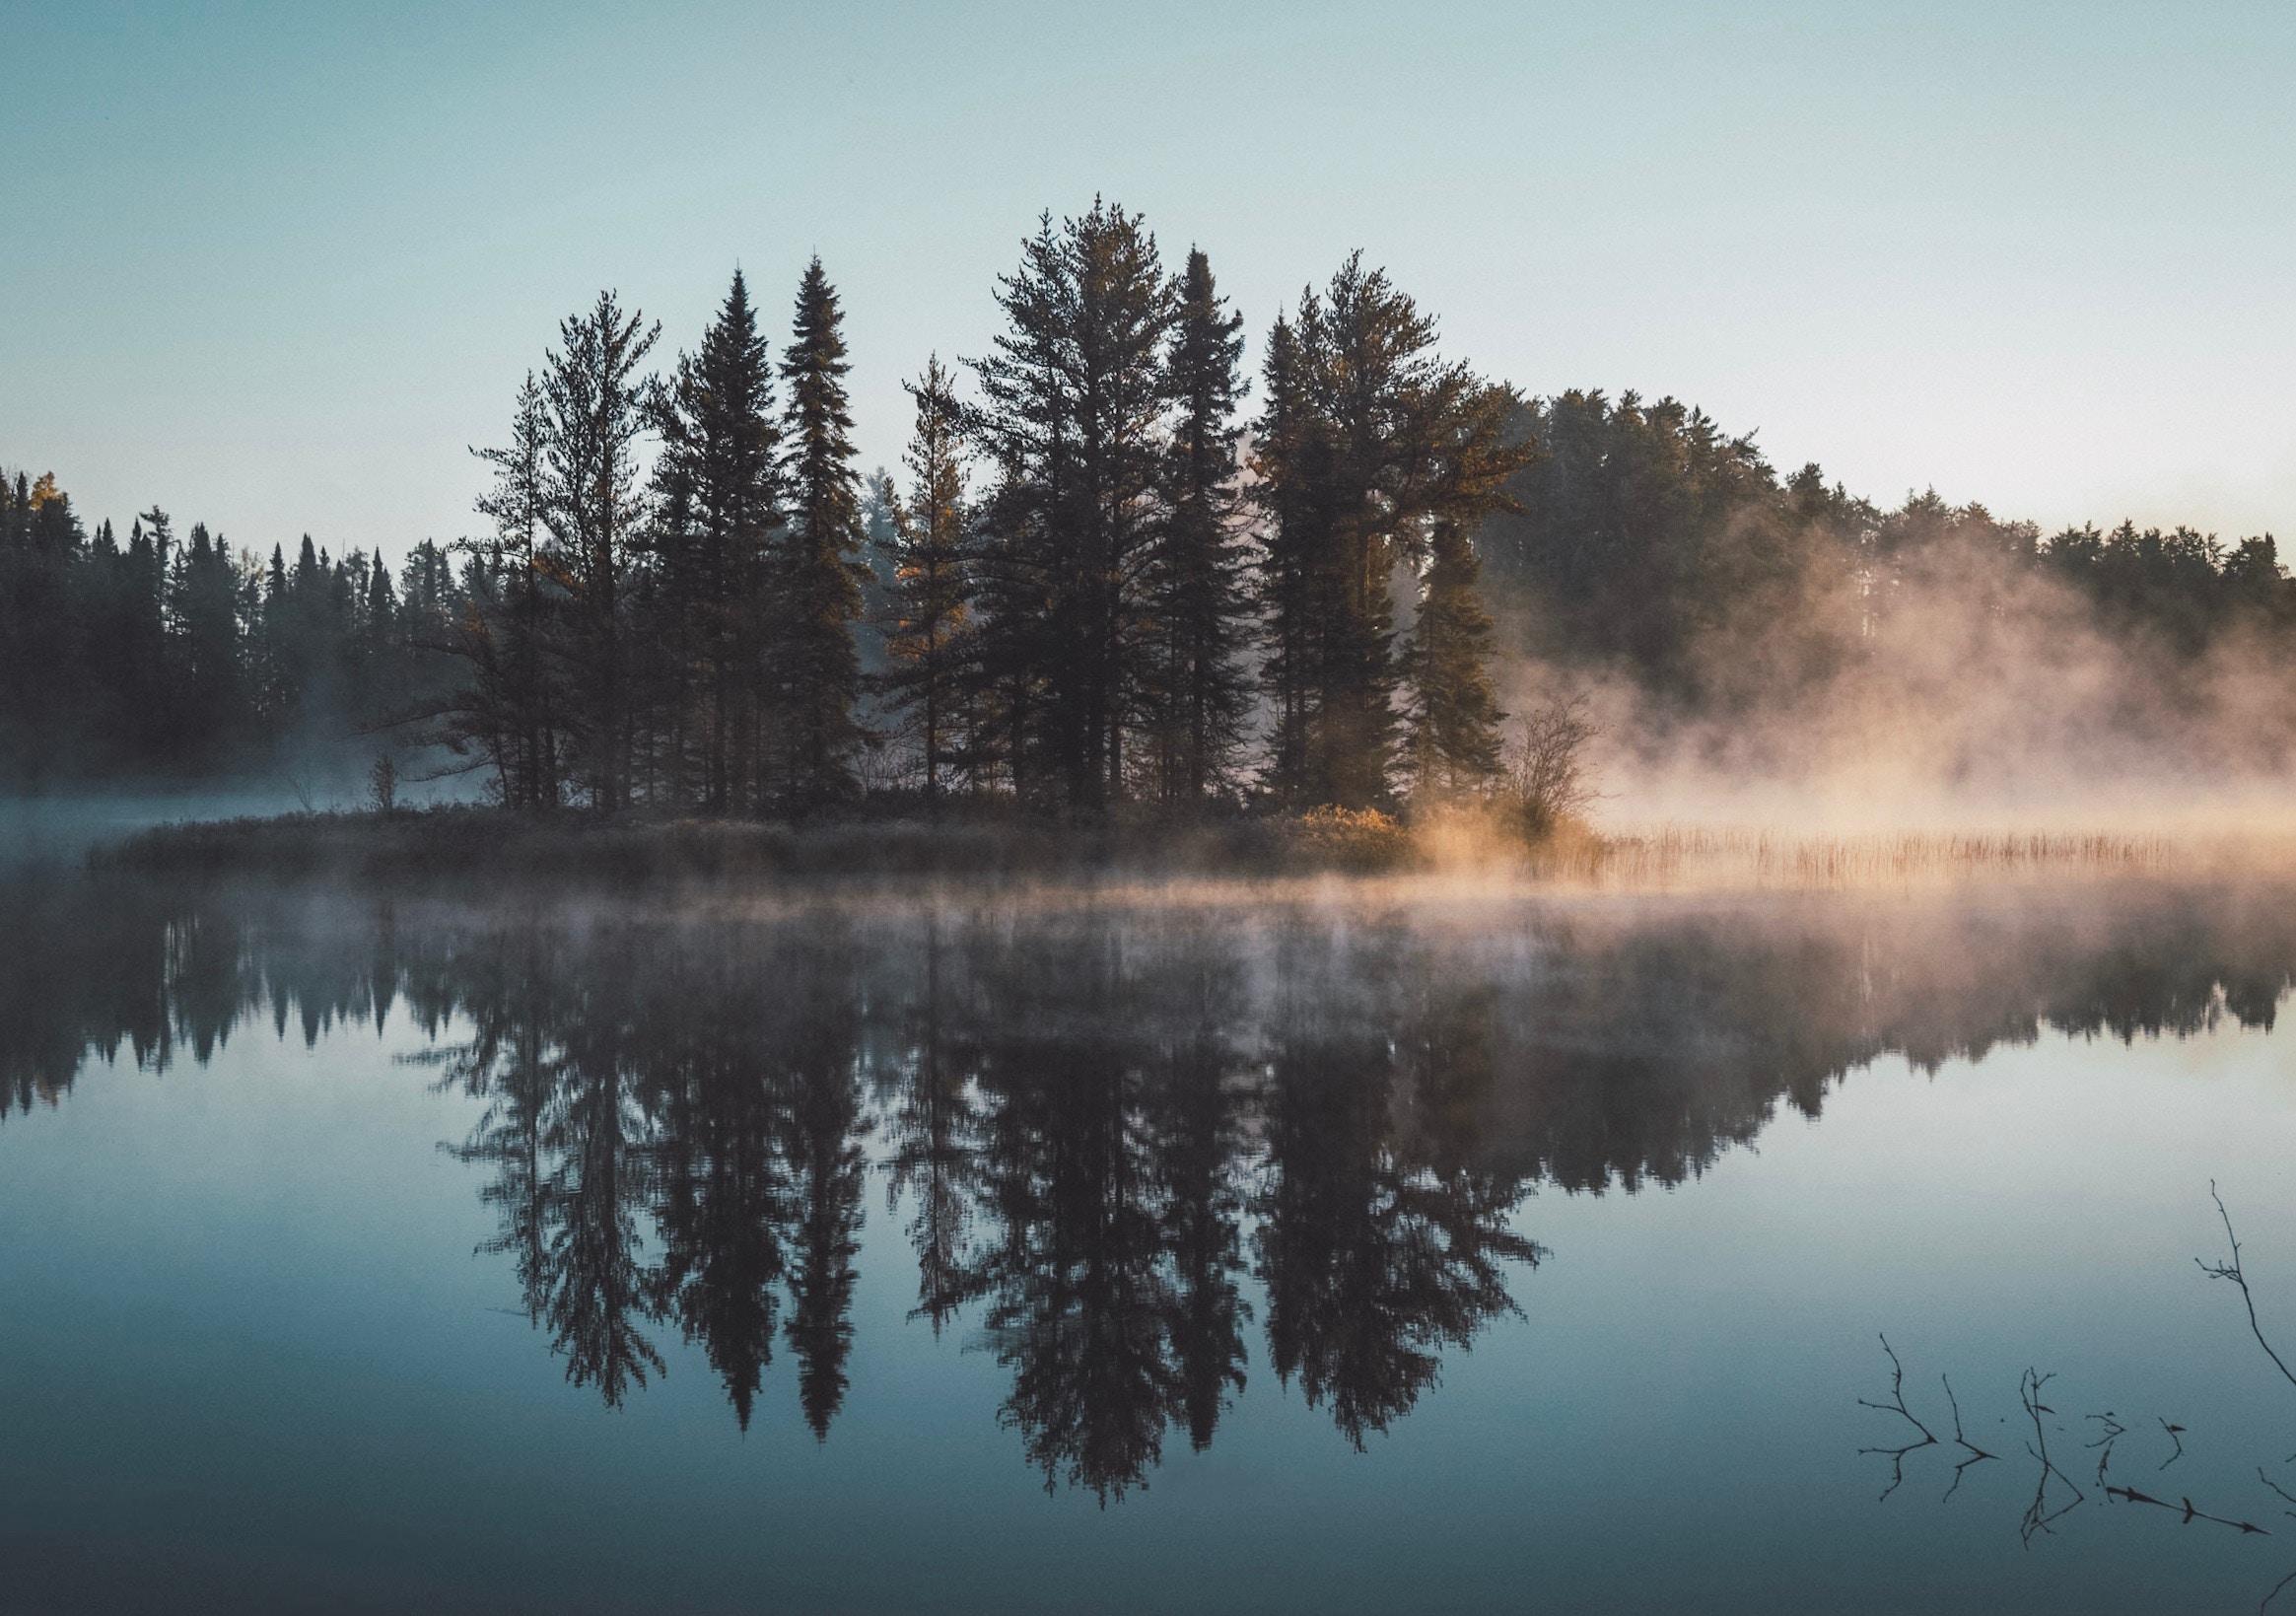 Kuusipuita luodolla peilityynessä järvessä. Vaimea sumupeitto kylpee aamuauringon valossa.